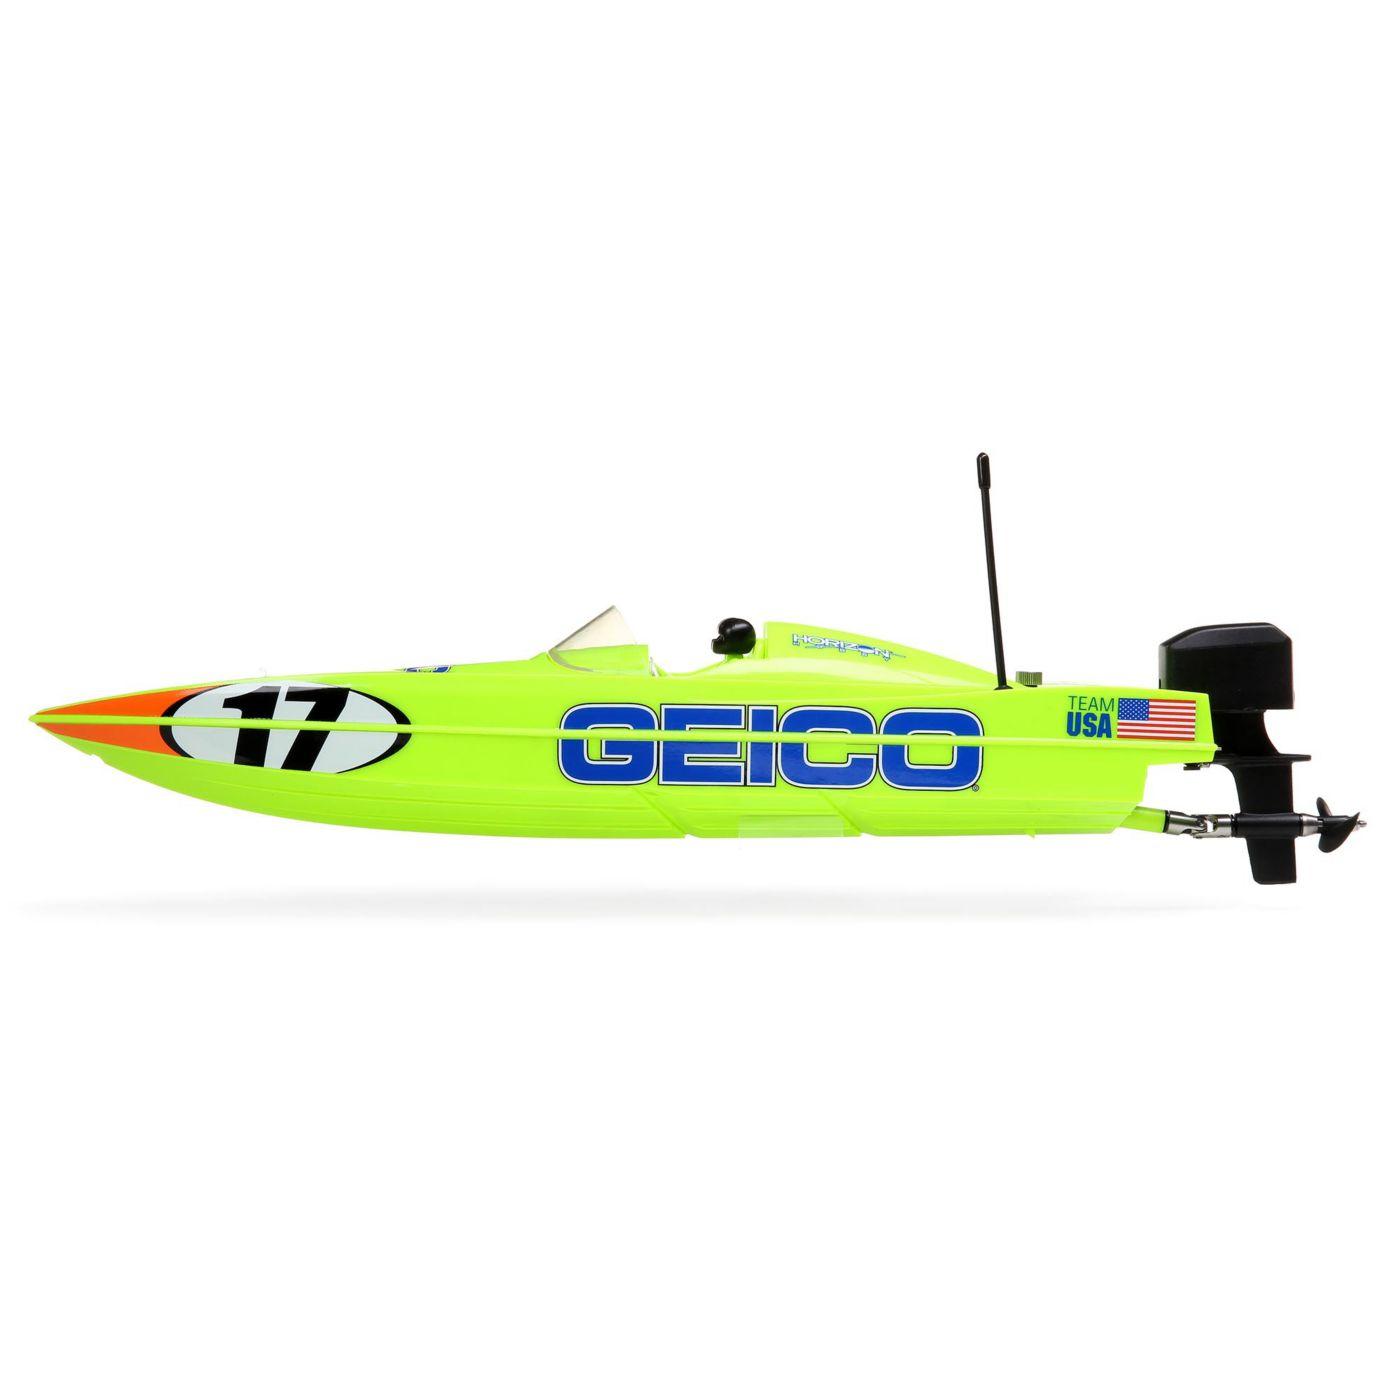 Pro Boat Power Boat Racer - Side